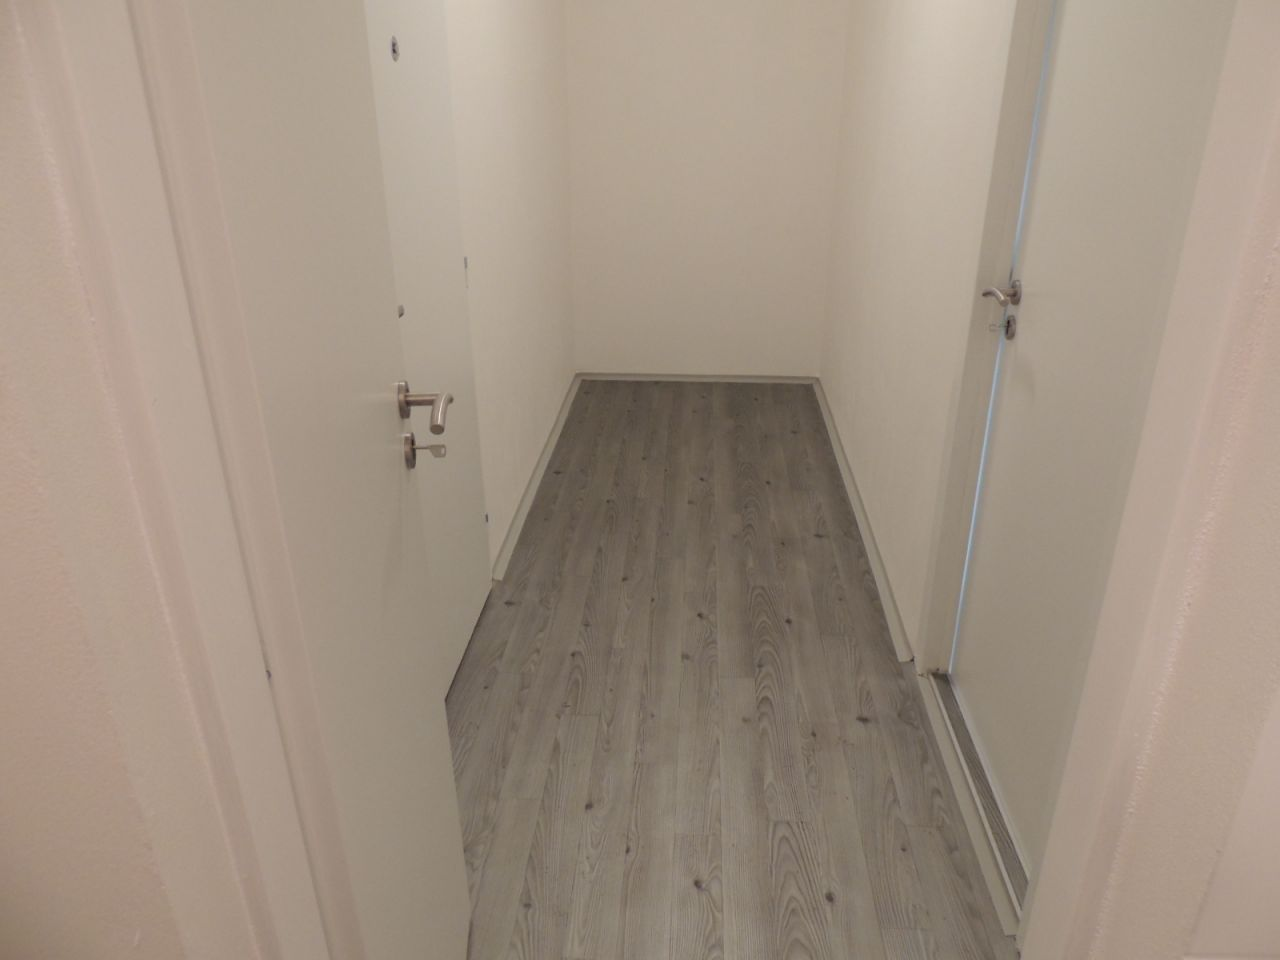 Pronájem bytu 2+1 44 m2, ul. Václava Jiřikovského 173/50, Ostrava - Dubina